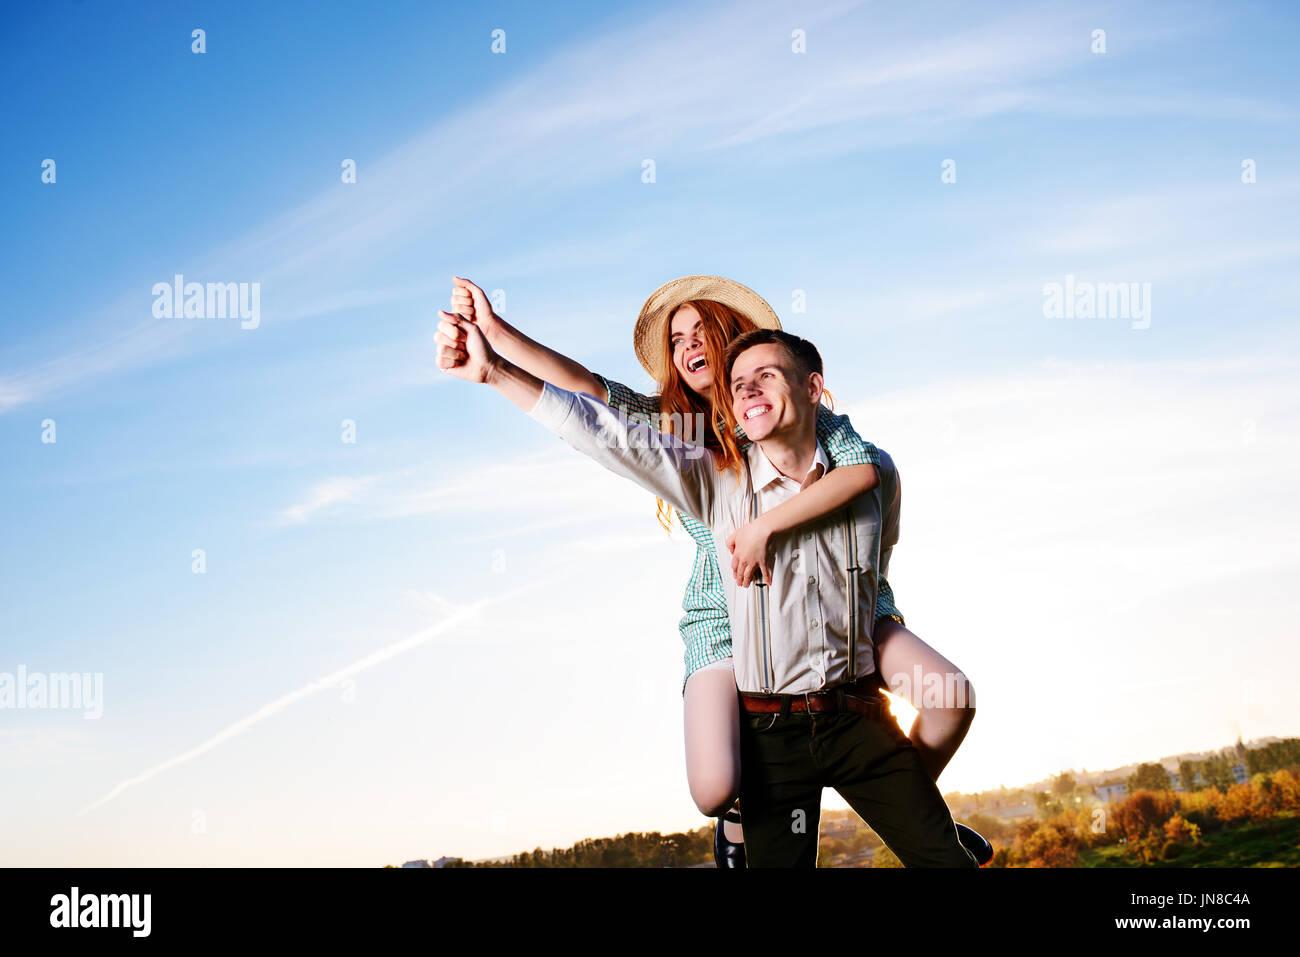 Junger Mann Huckepack Freundin glücklich mit erhobener Hand. Fröhliche Liebhaber träumen. Stockbild